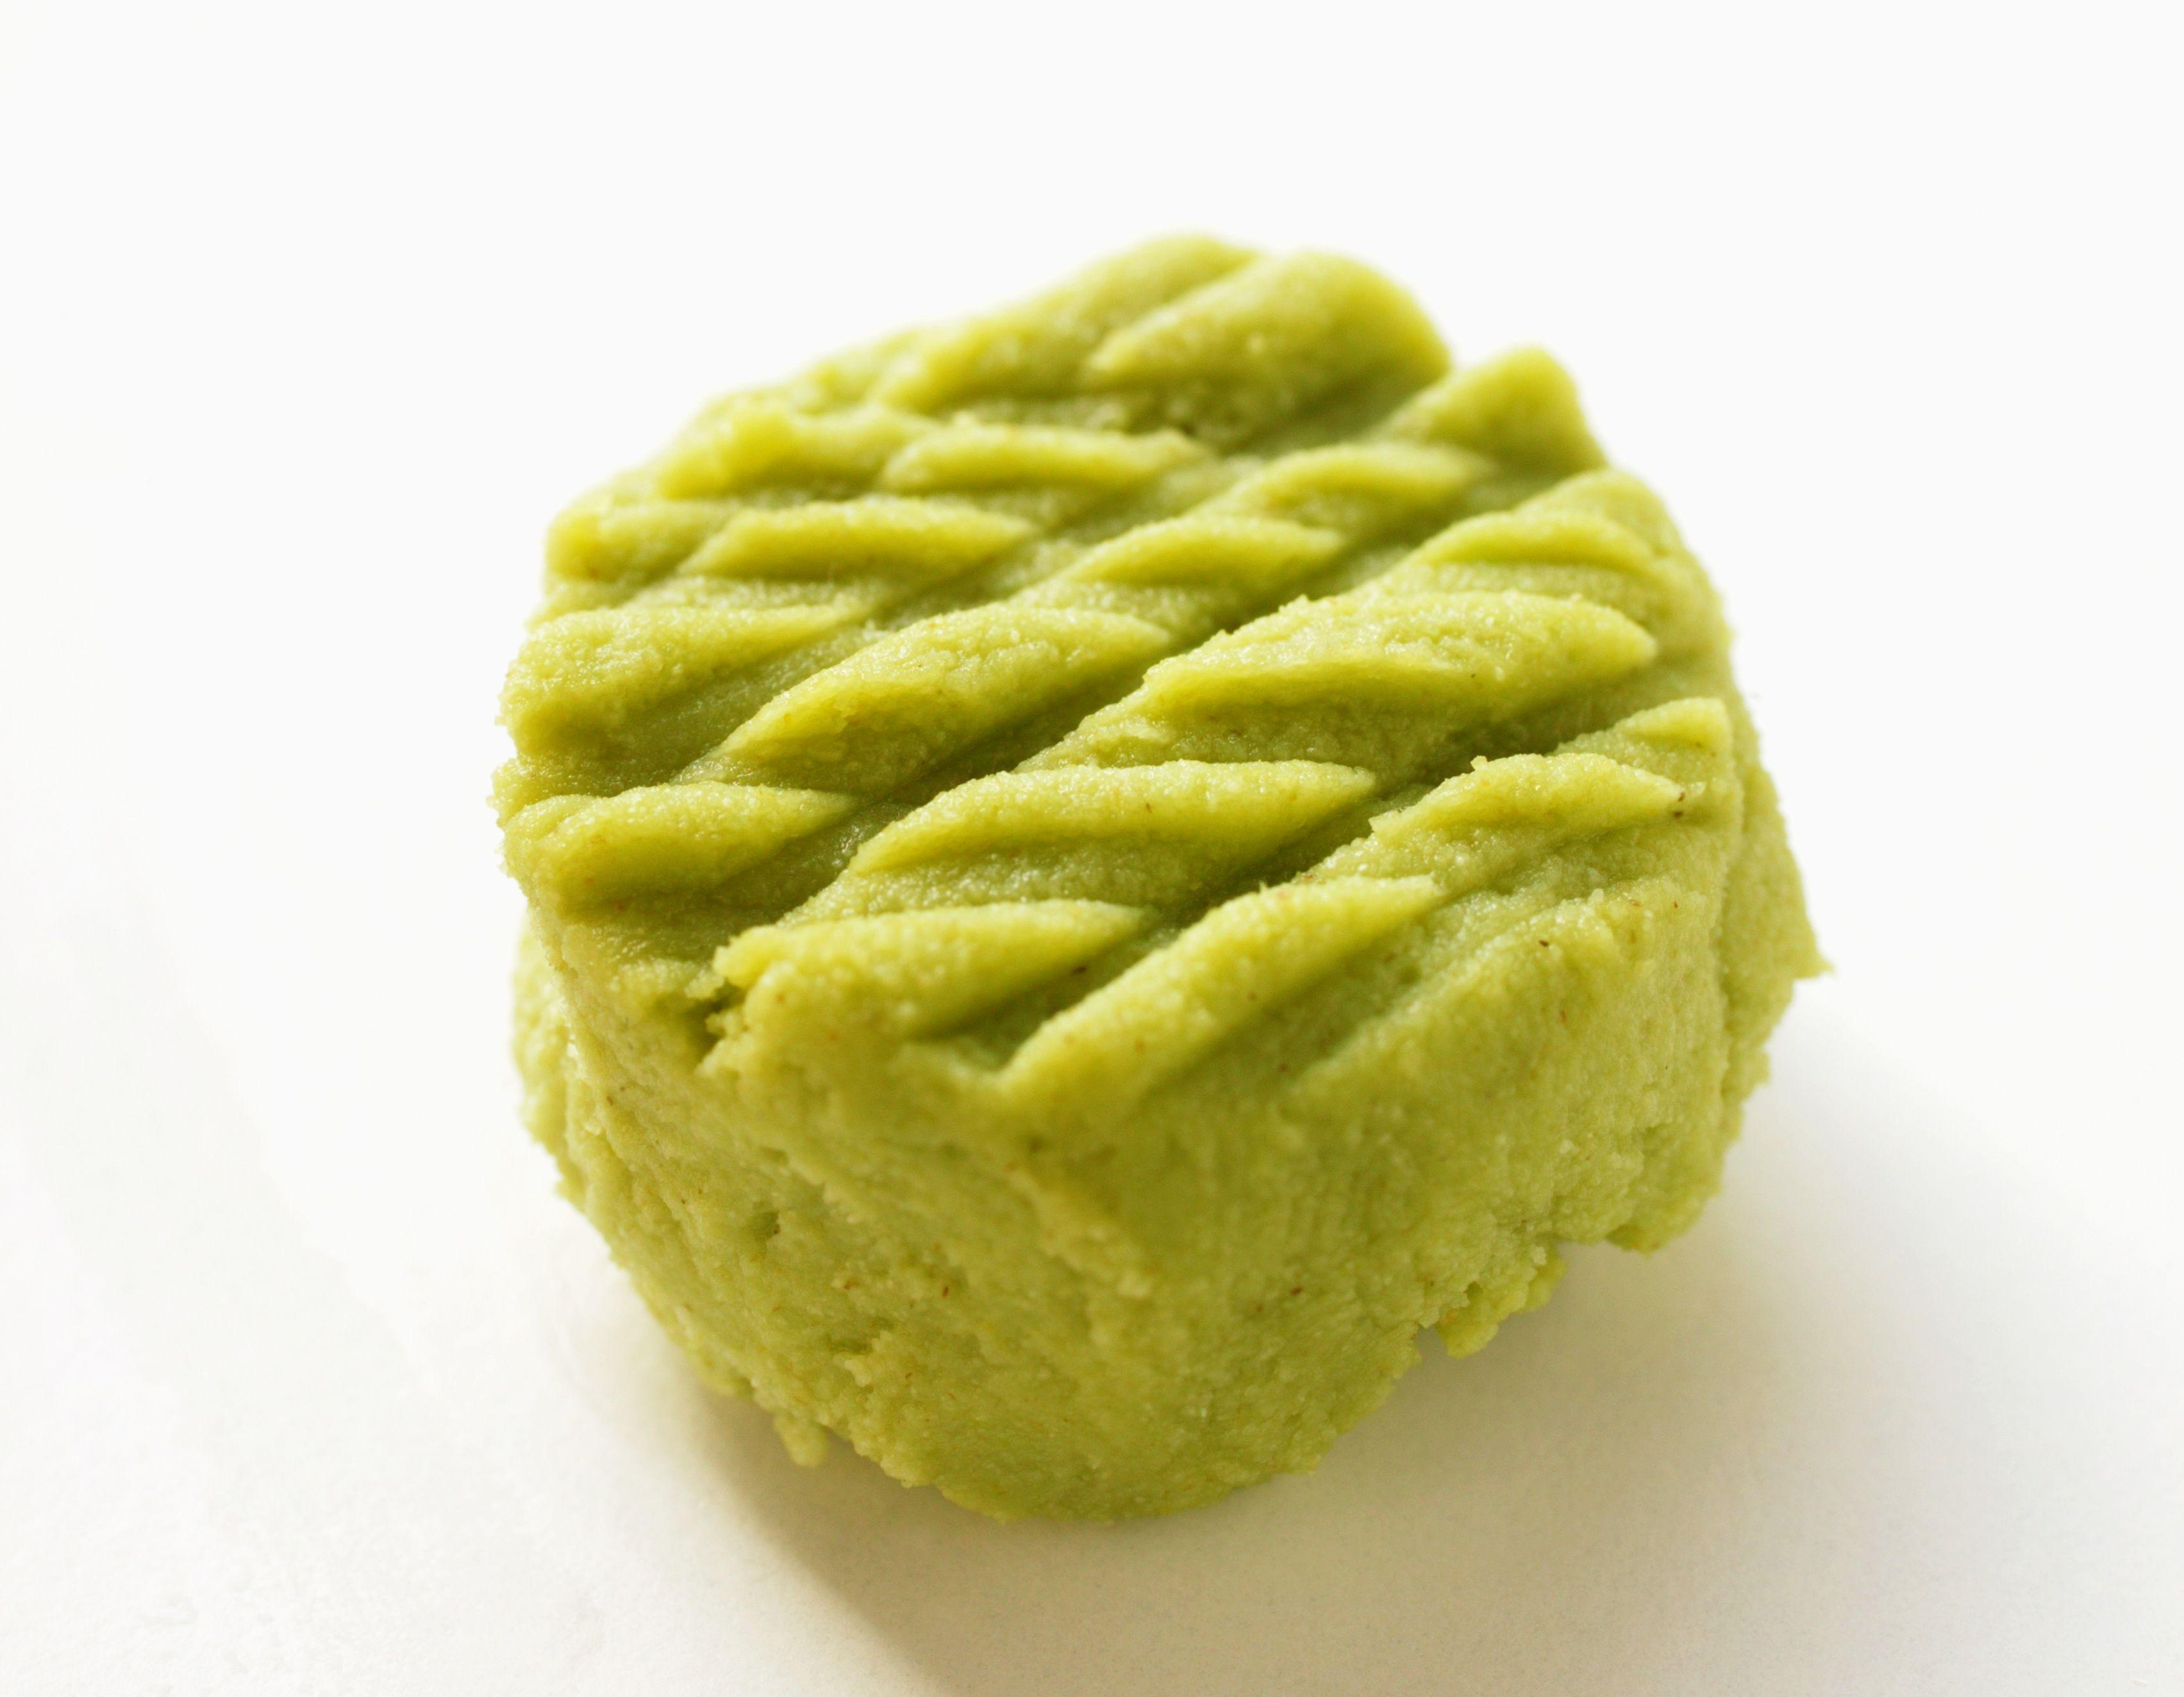 Avokádókrémnek nézte és megette a kupac wasabit, ritka betegséggel diagnosztizálták